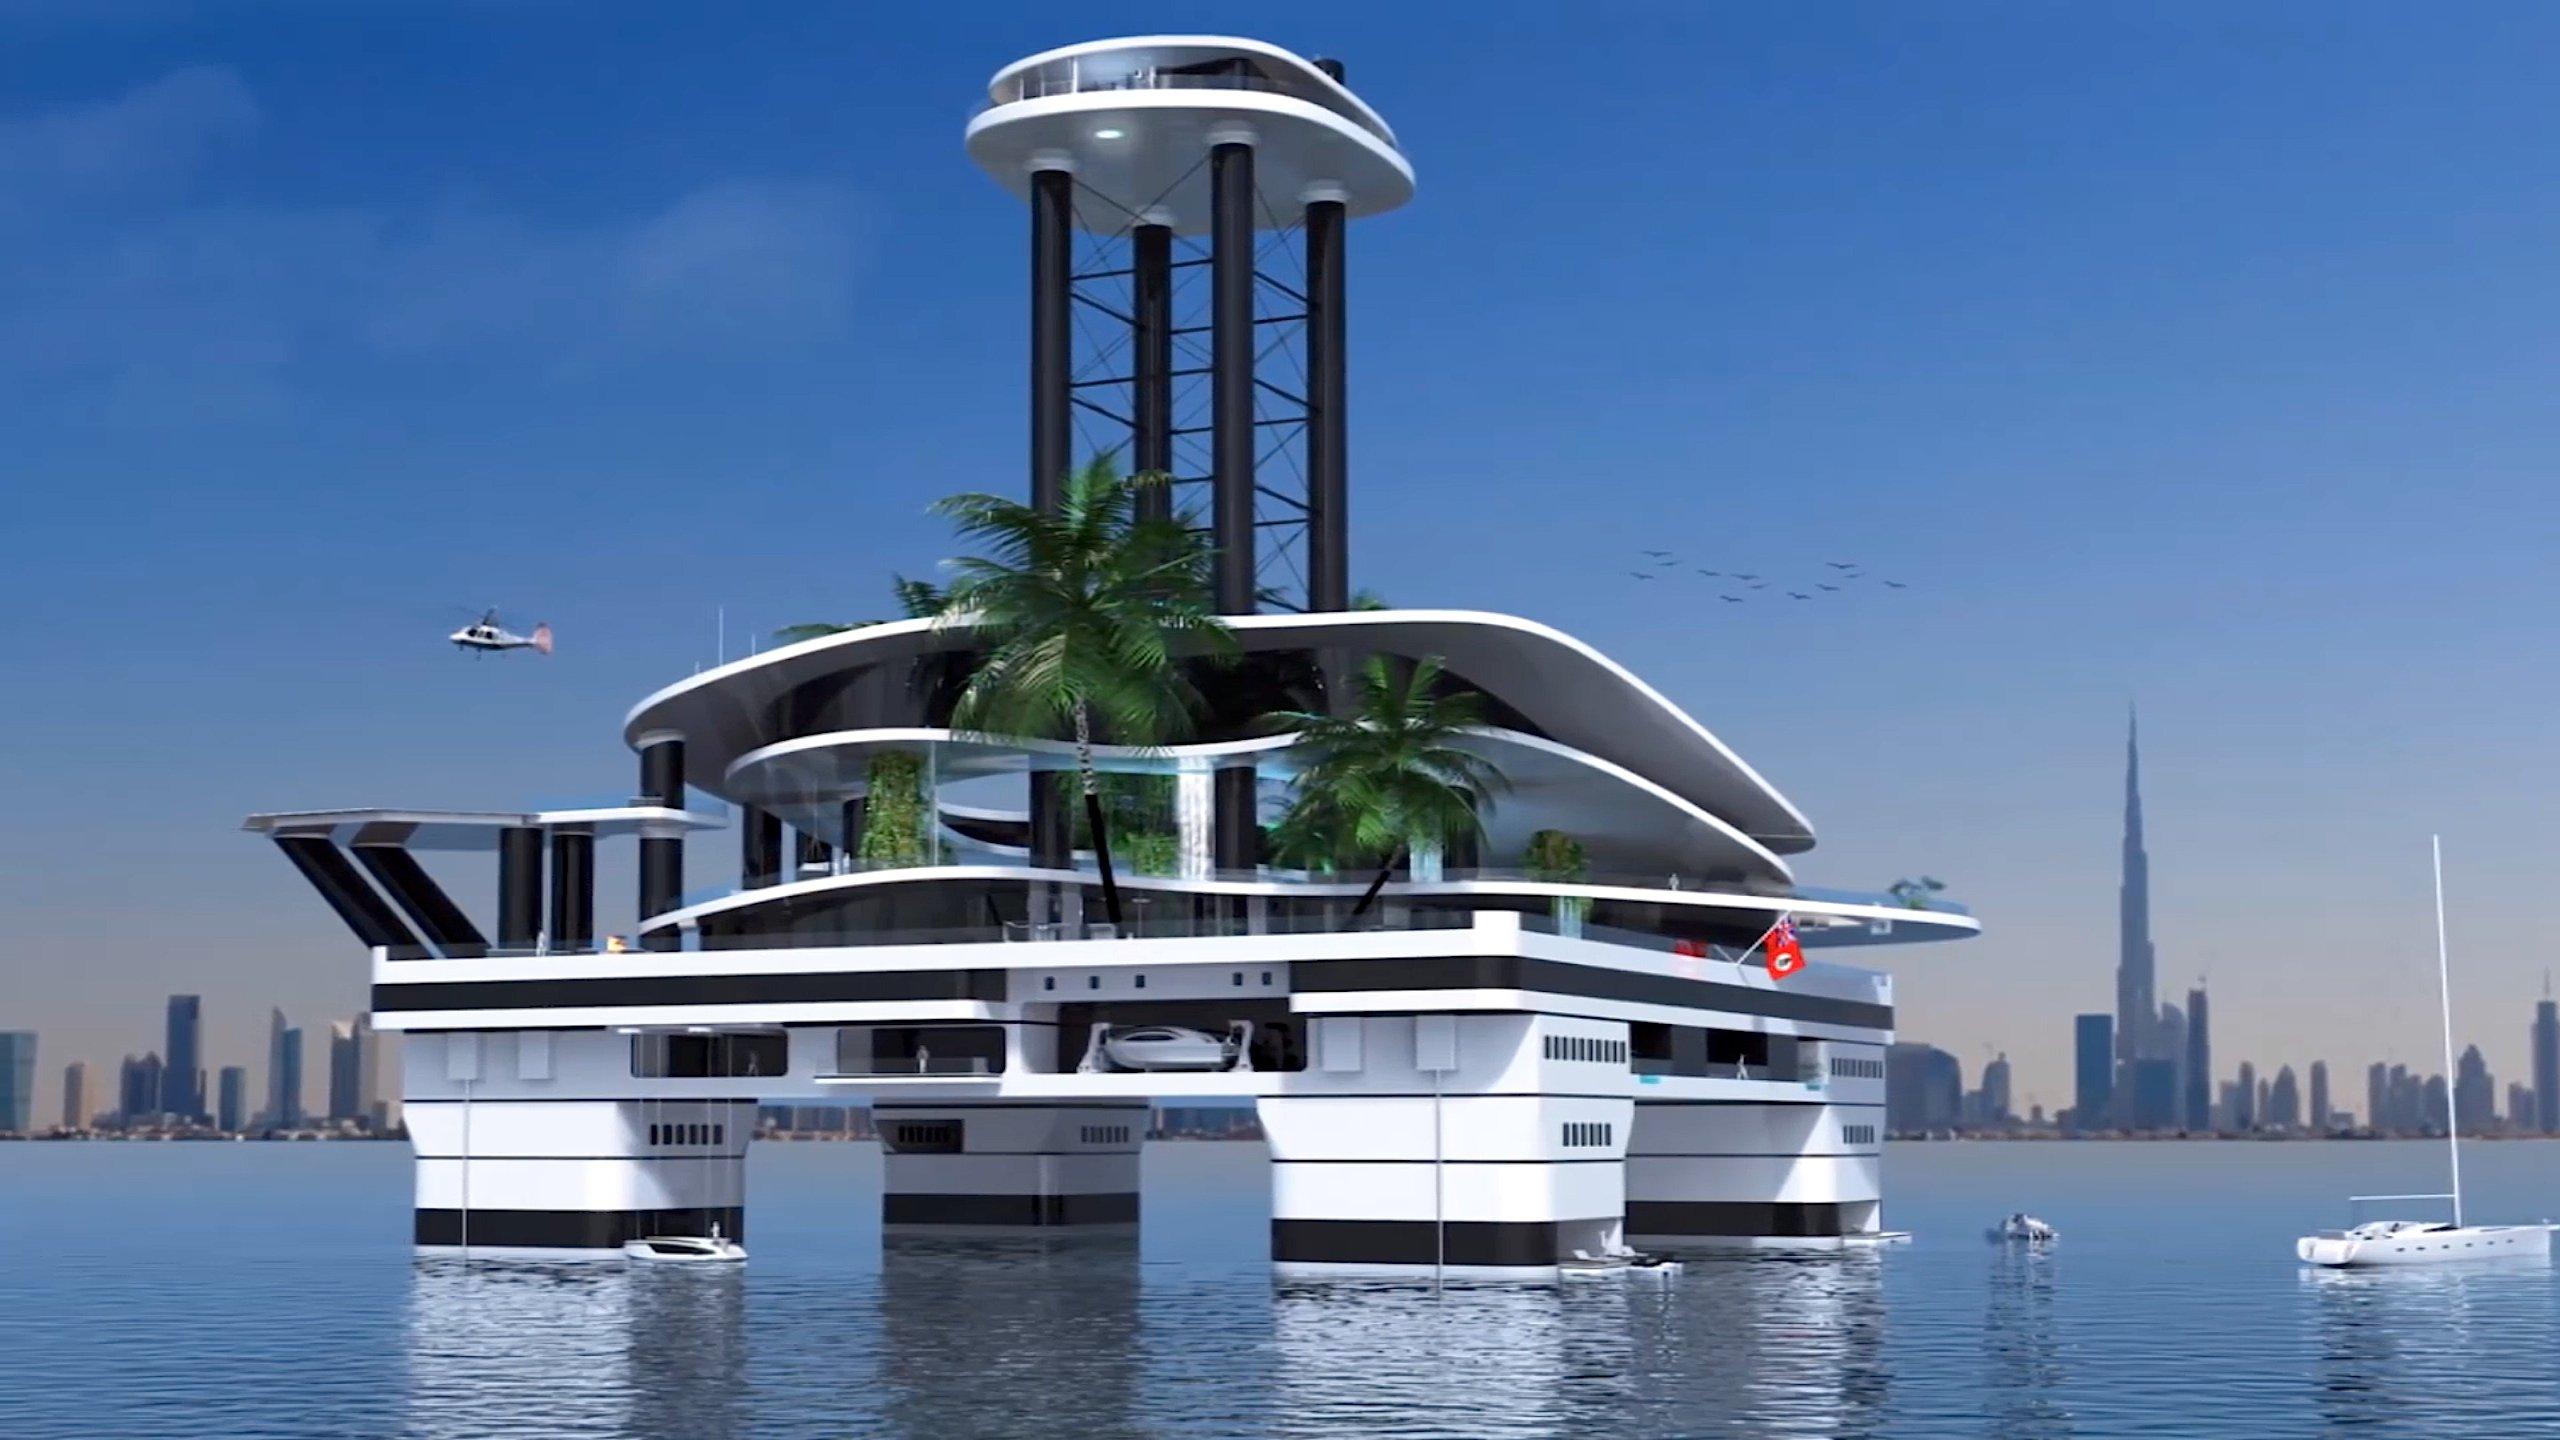 Vor allem auf Kunden in den Vereinigten Arabischen Emiraten setzt das österreichische Unternehmen Migaloo, dass die künstliche Insel